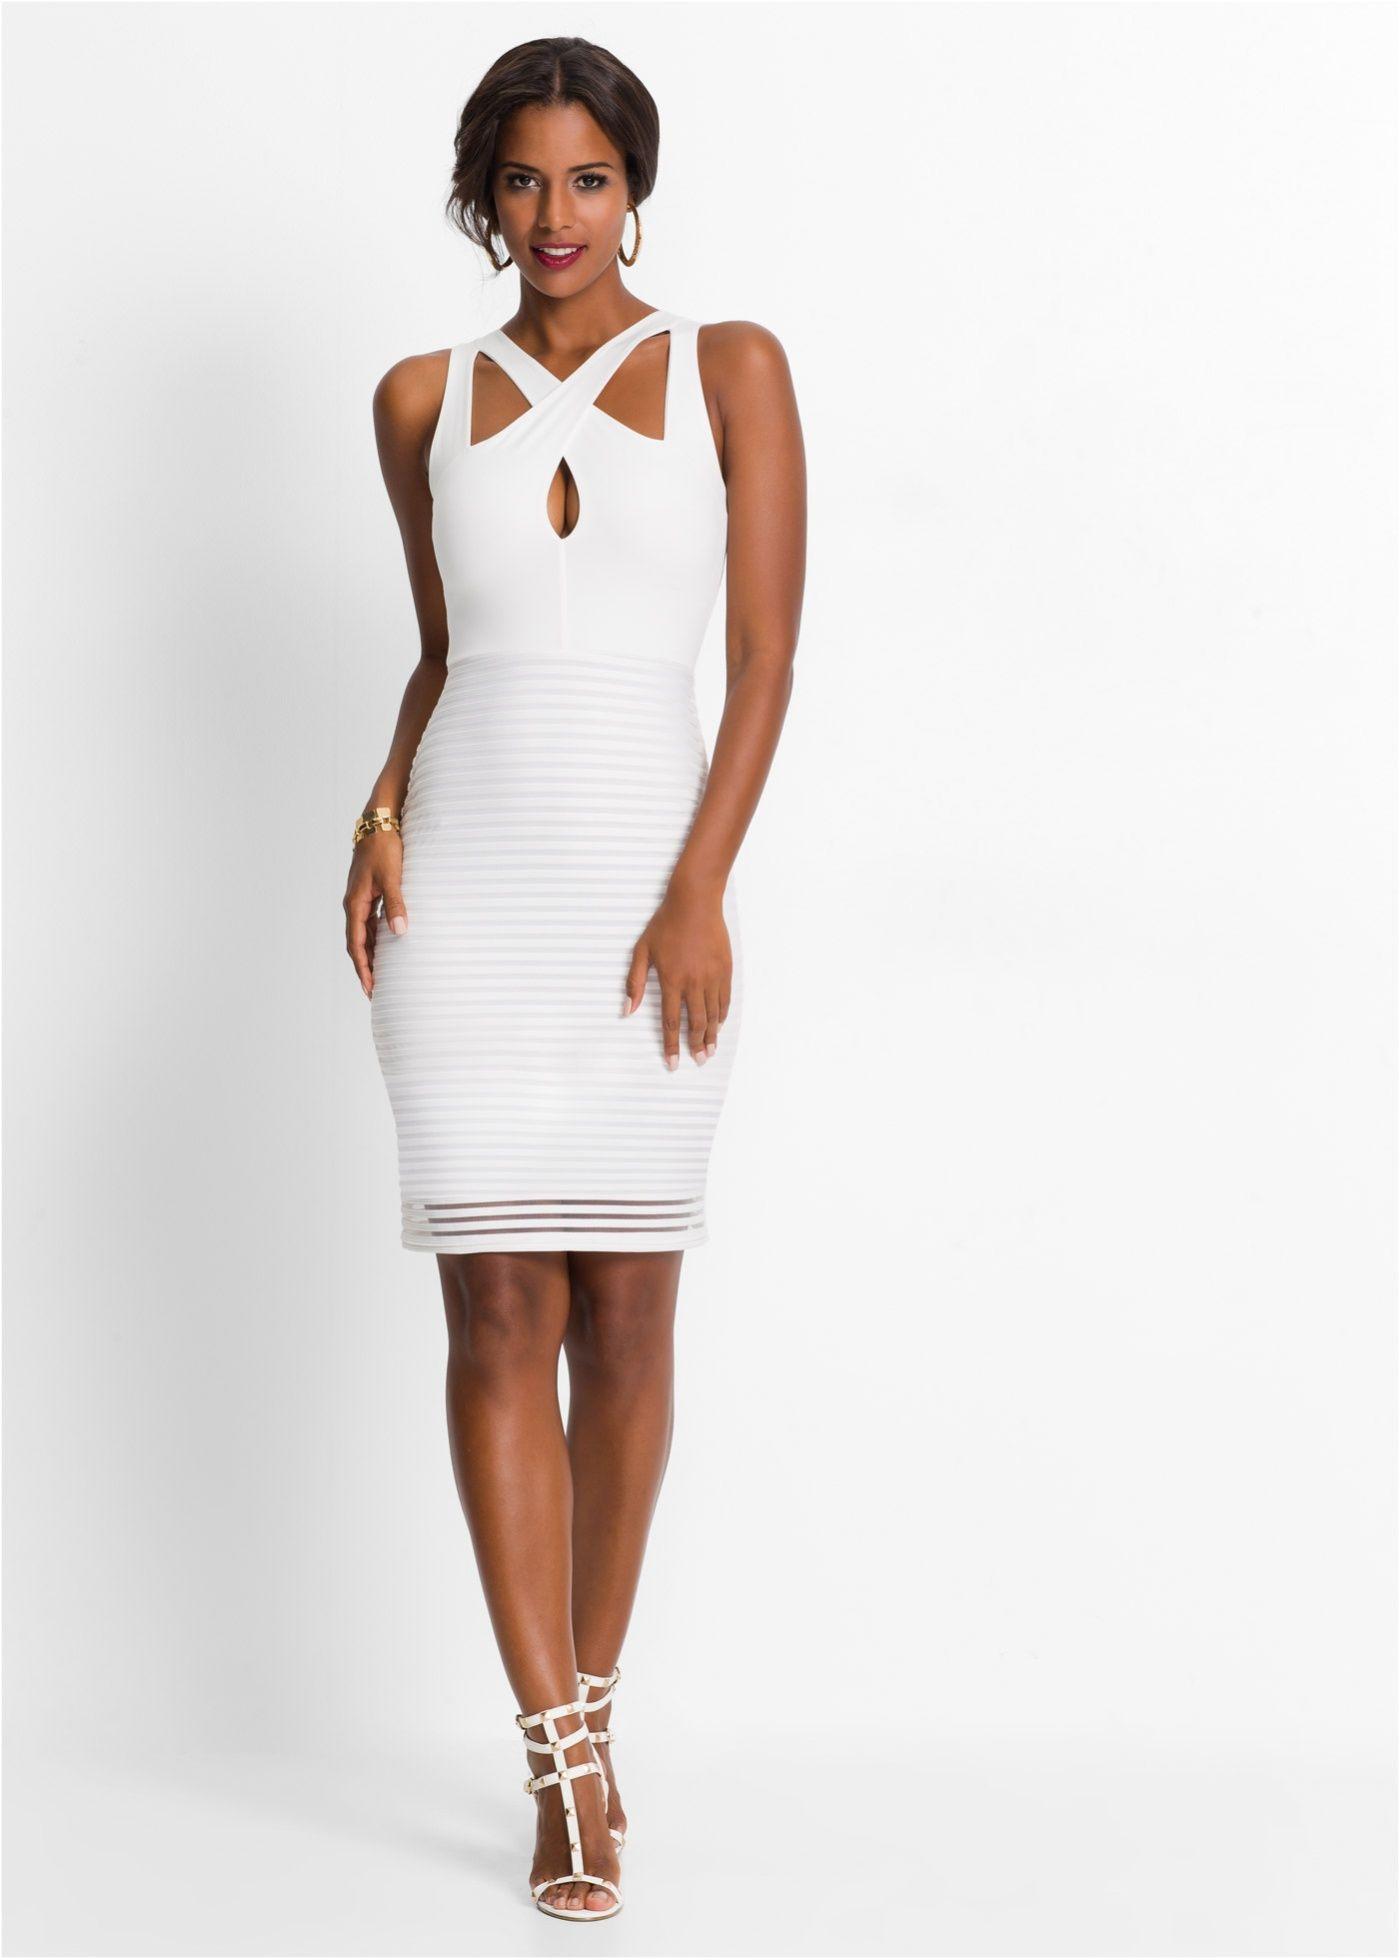 20 Schön Kleid Weiß Elegant ÄrmelDesigner Einfach Kleid Weiß Elegant Galerie